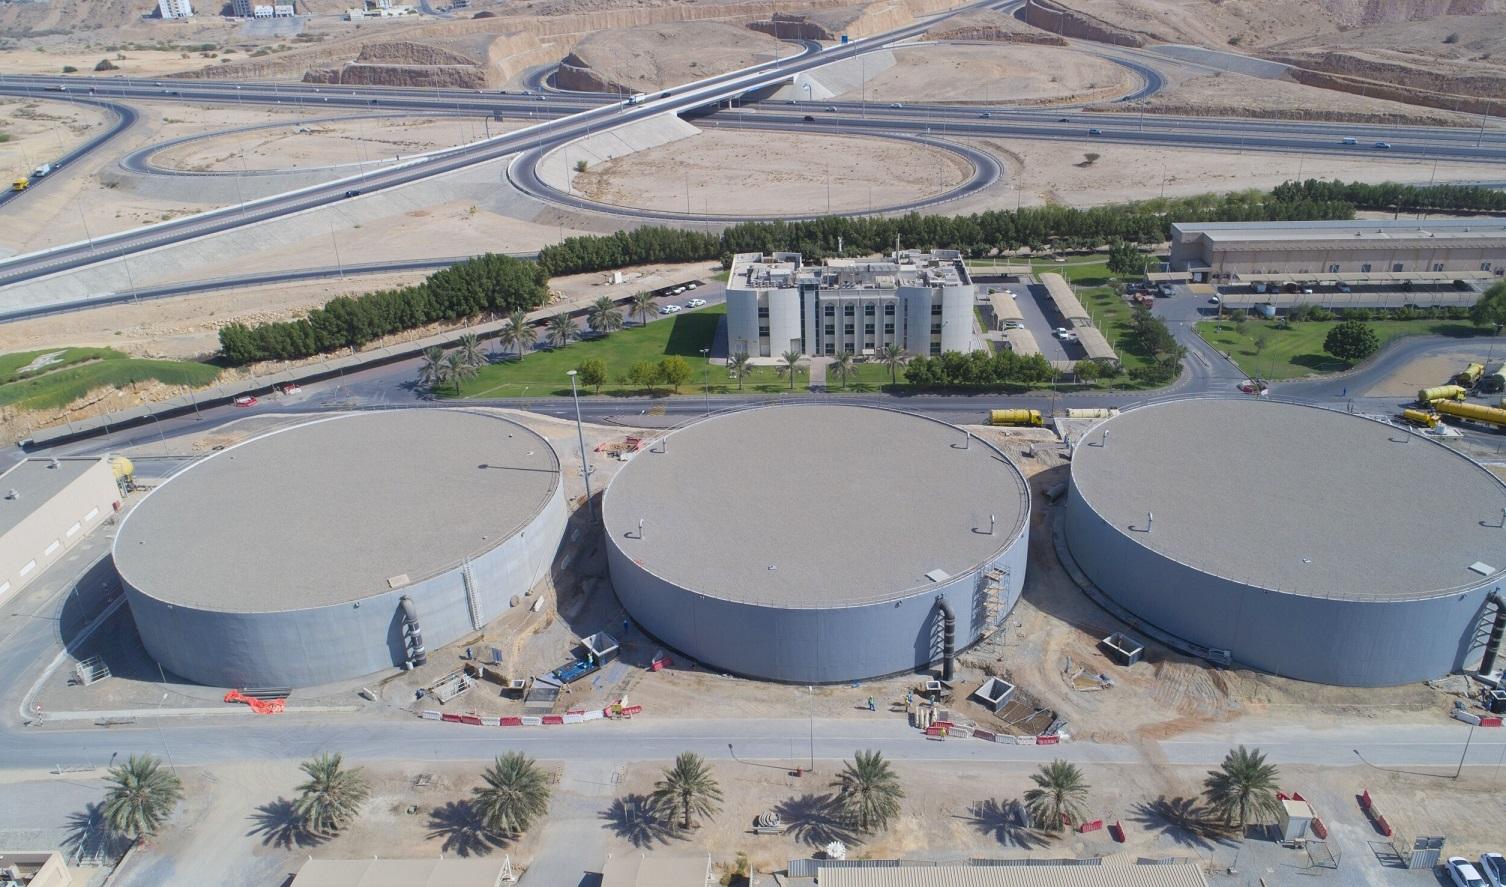 قريبا الانتهاء من مشروع توسعة محطة الأنصب لمعالجة مياه الصرف الصحي